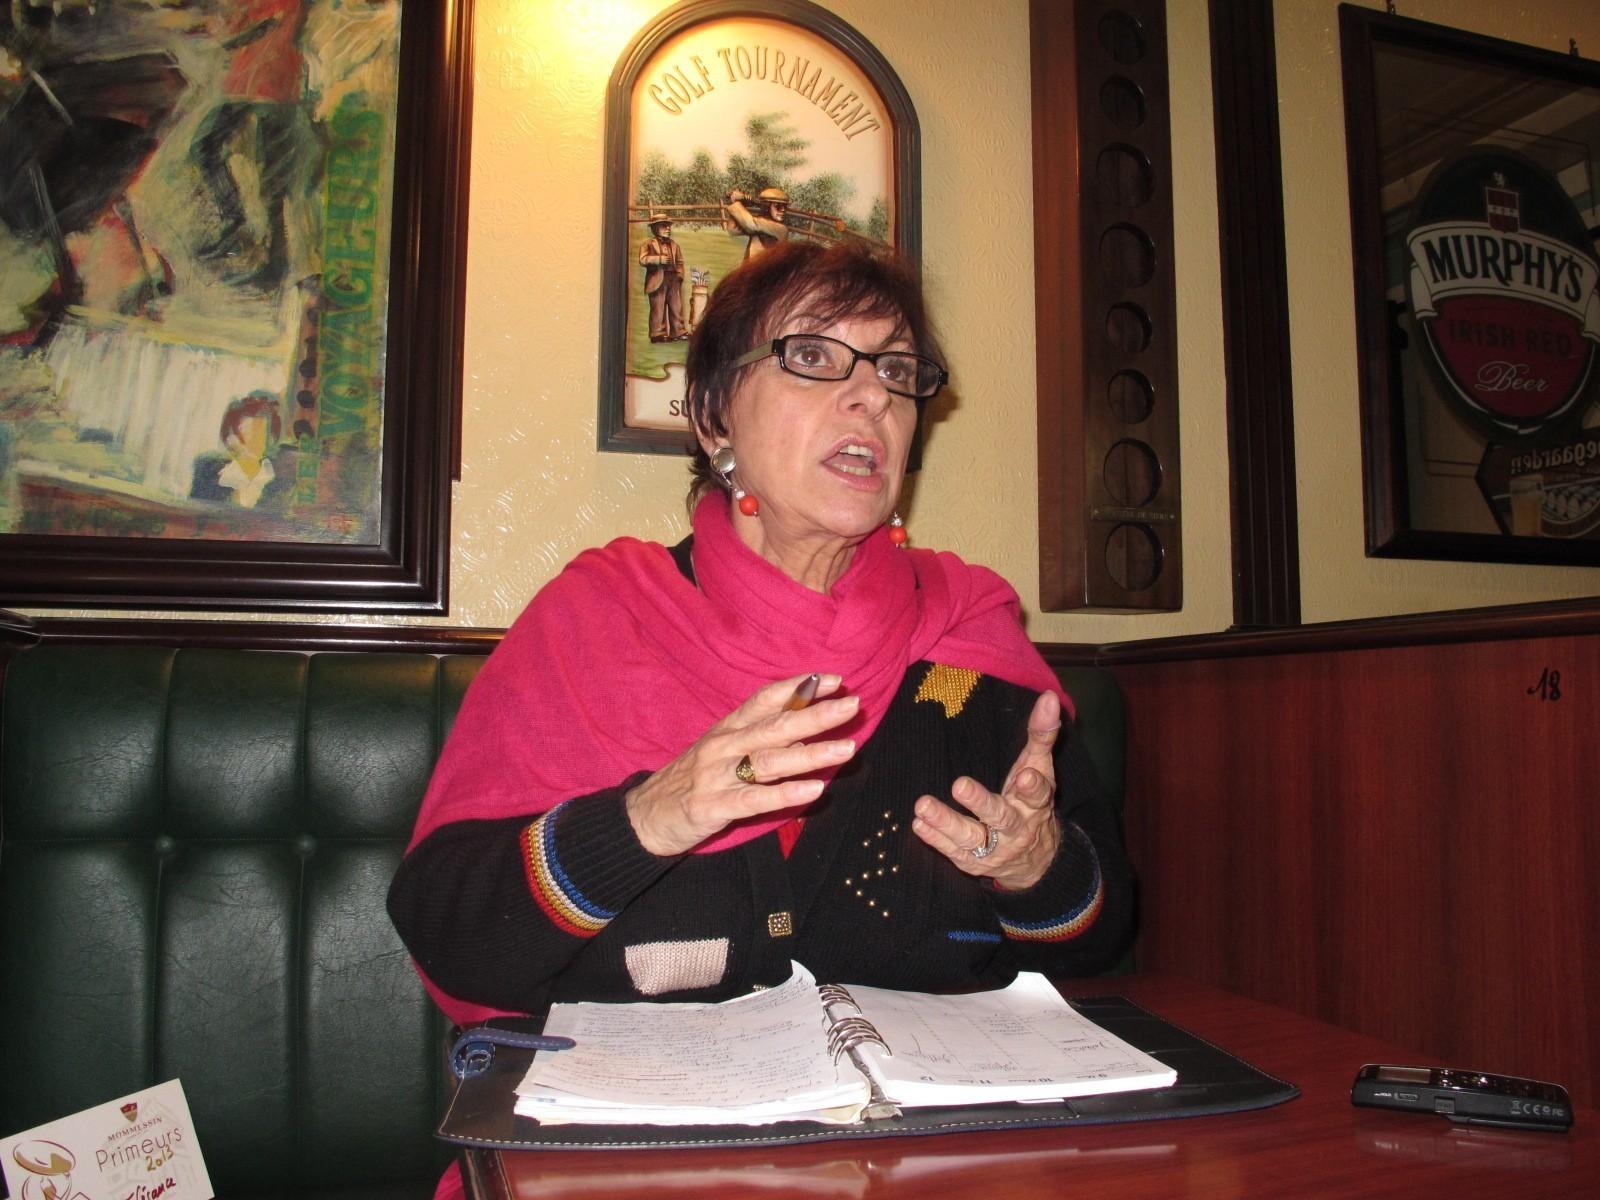 Mantes-la-Ville (Yvelines) - vendredi 9 décembre 2013 - Membre du Parti socialiste depuis 1969, Annette Peulvast Bergeal a rendu sa carte il y a quelques jours. (LP/MG)